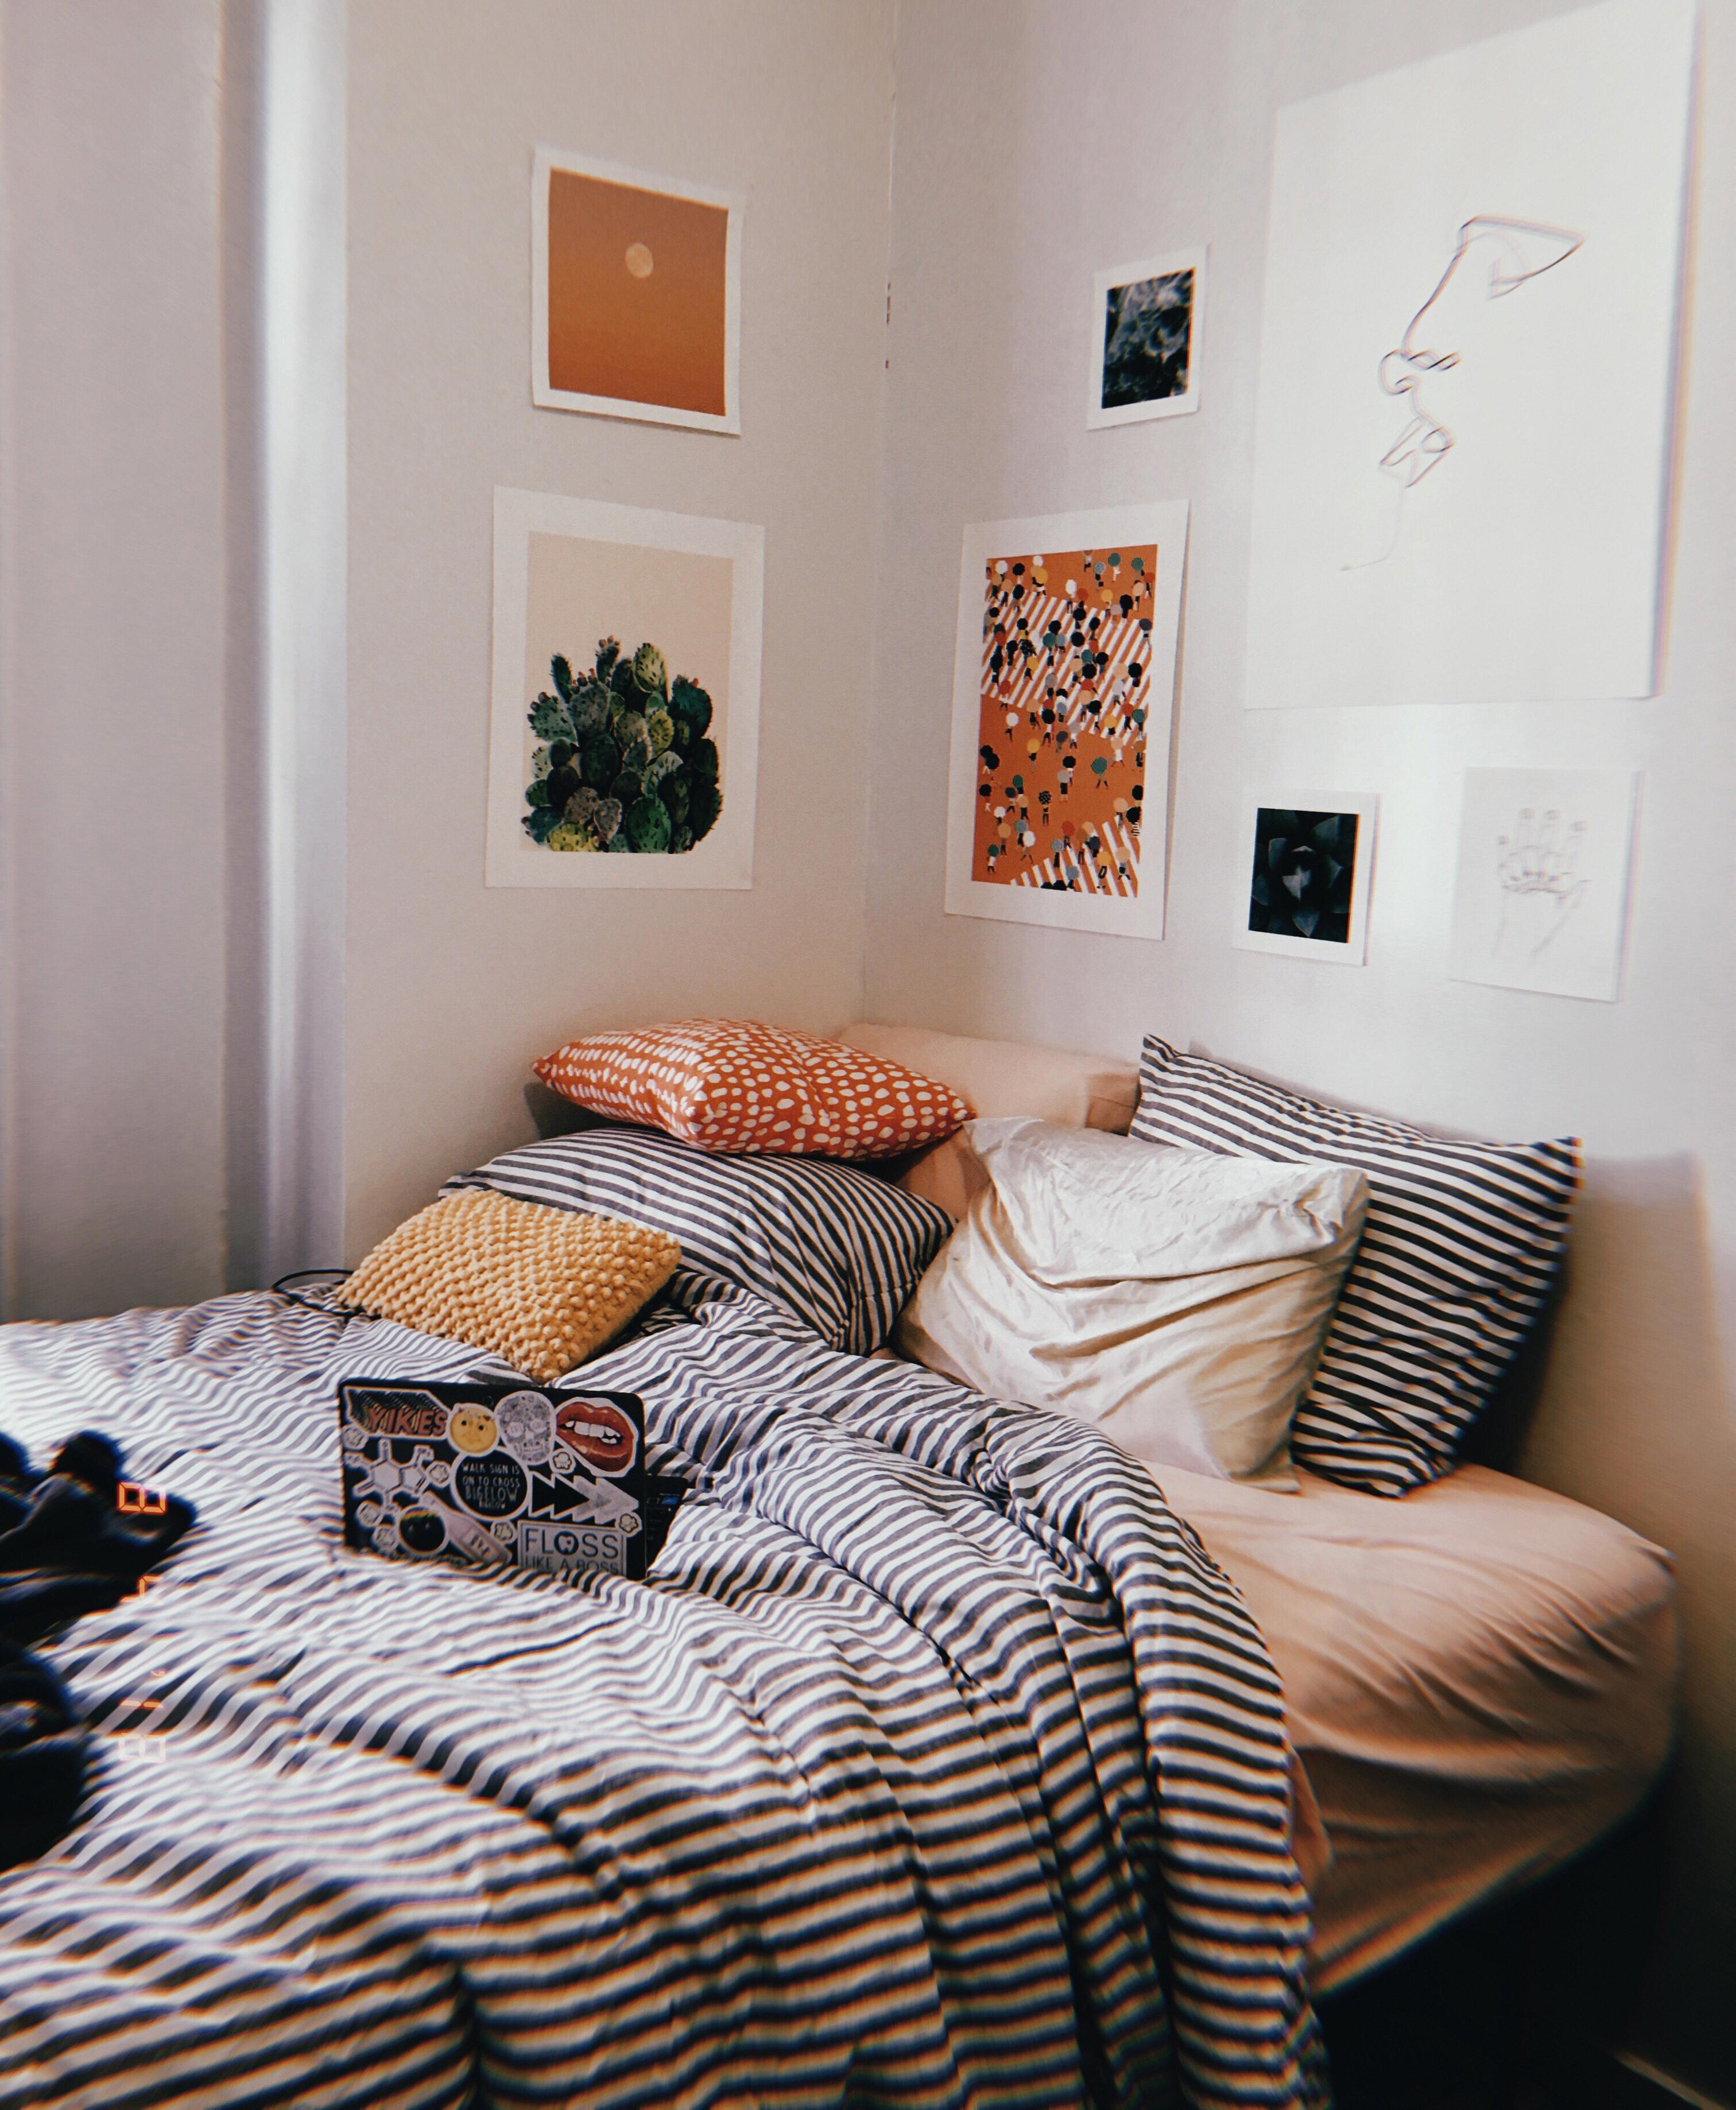 Cute Bedroom Wall Decor Bedroomwalldecor Bedroominspo Wall Decor Bedroom Apartment Decor Room Inspiration